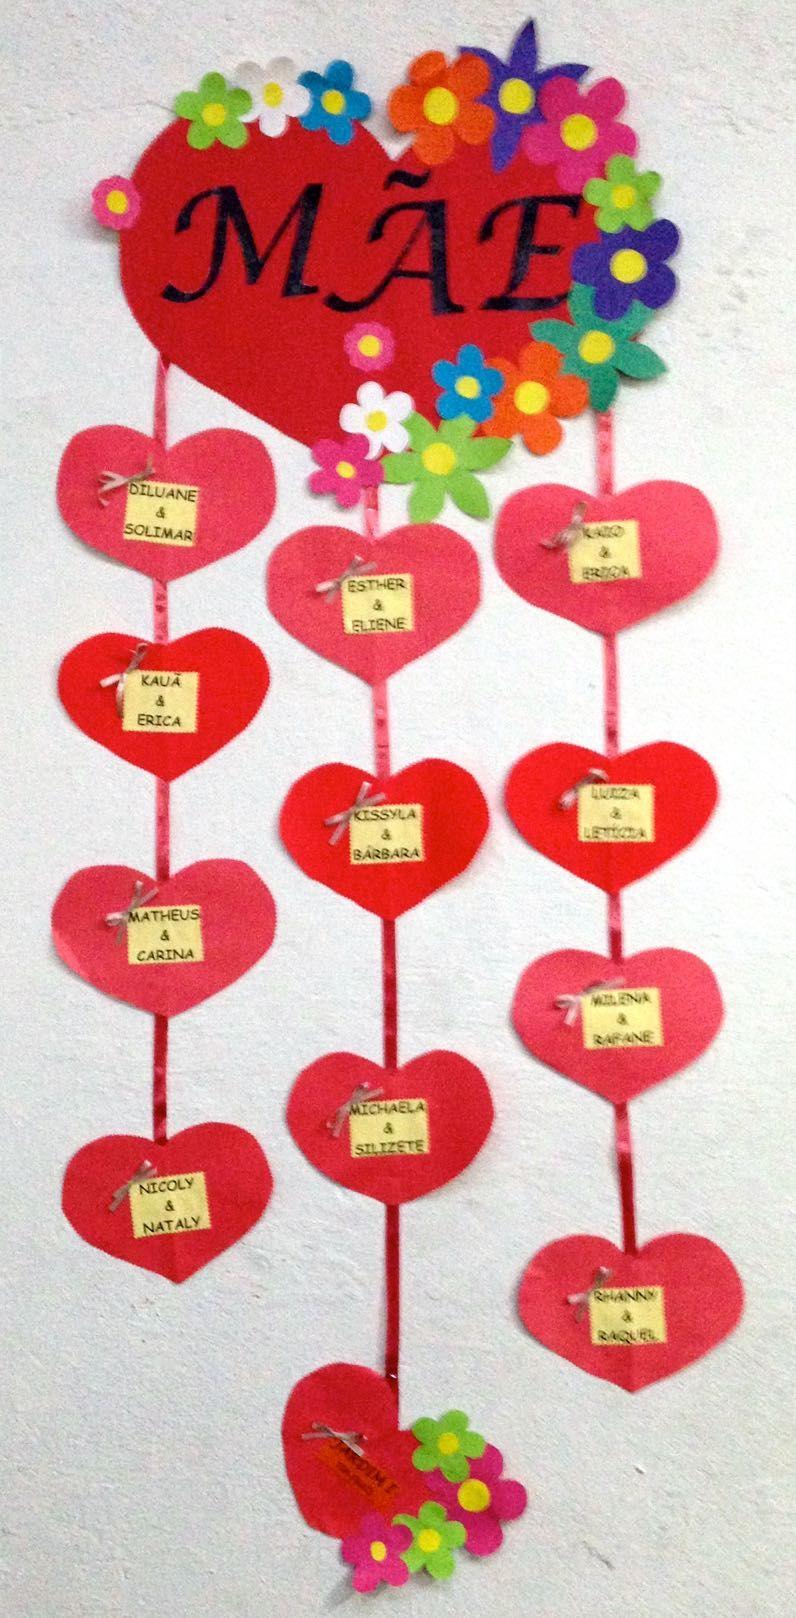 ... pinturas com guache e diferentes papéis para decorar uma linda caixa  para as mães. Os estudantes do 5º ano desejam a todas um feliz dia das mães!